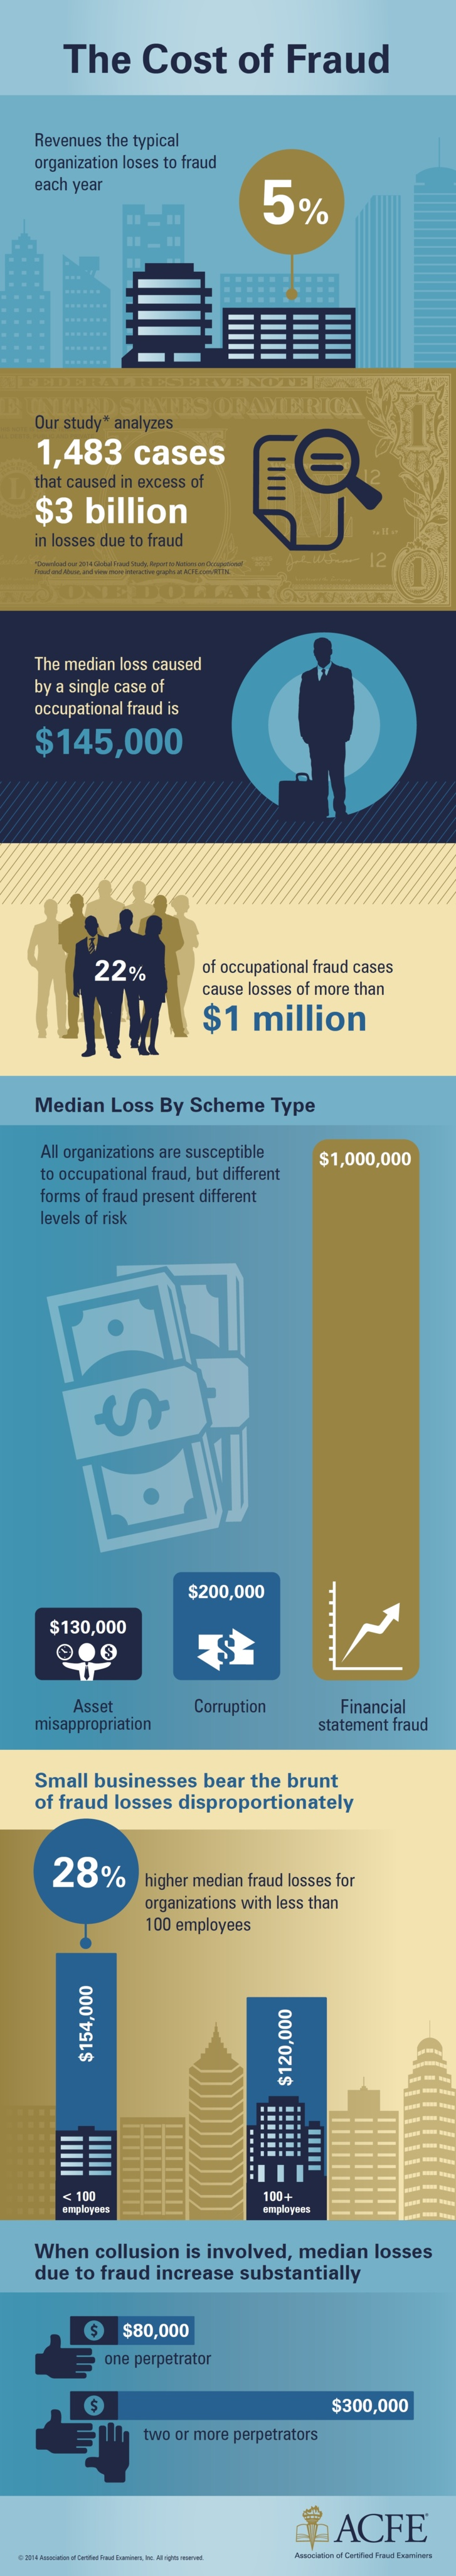 5 conseils pour la prévention de la fraude en entreprise